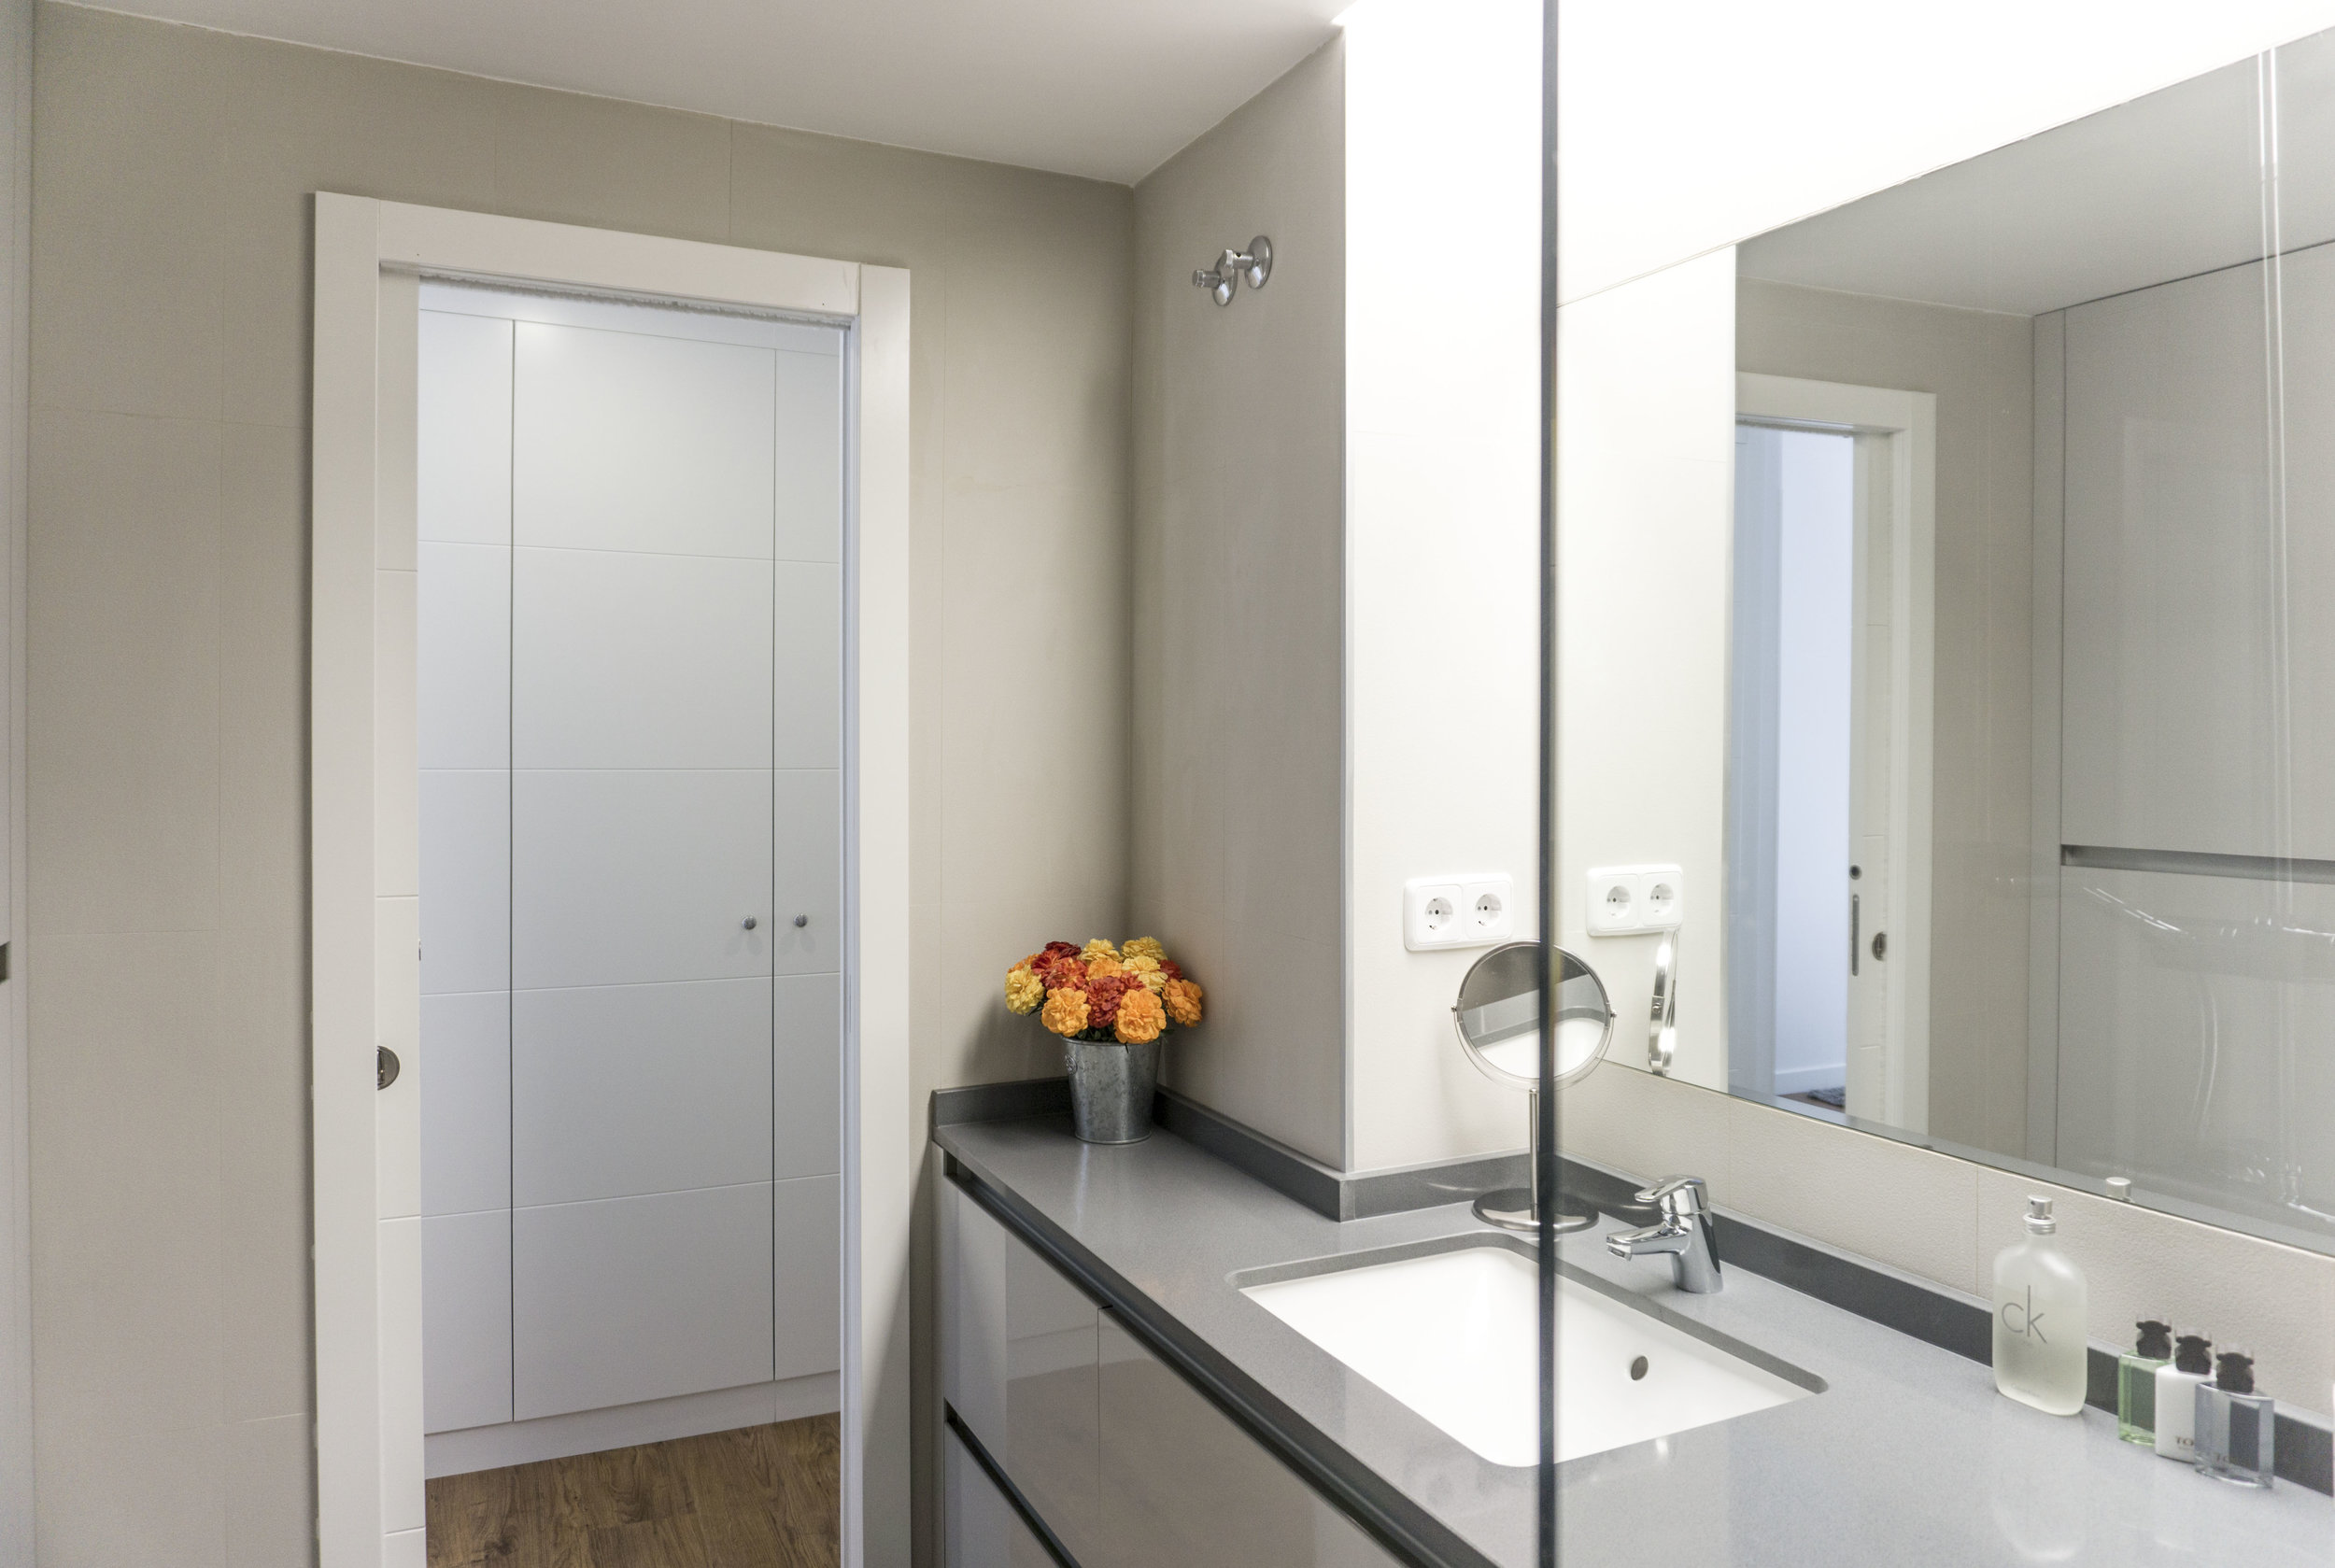 diseño reformas slow emmme studio baño principal Teresa y Jose Luis - 08 - SM.jpg